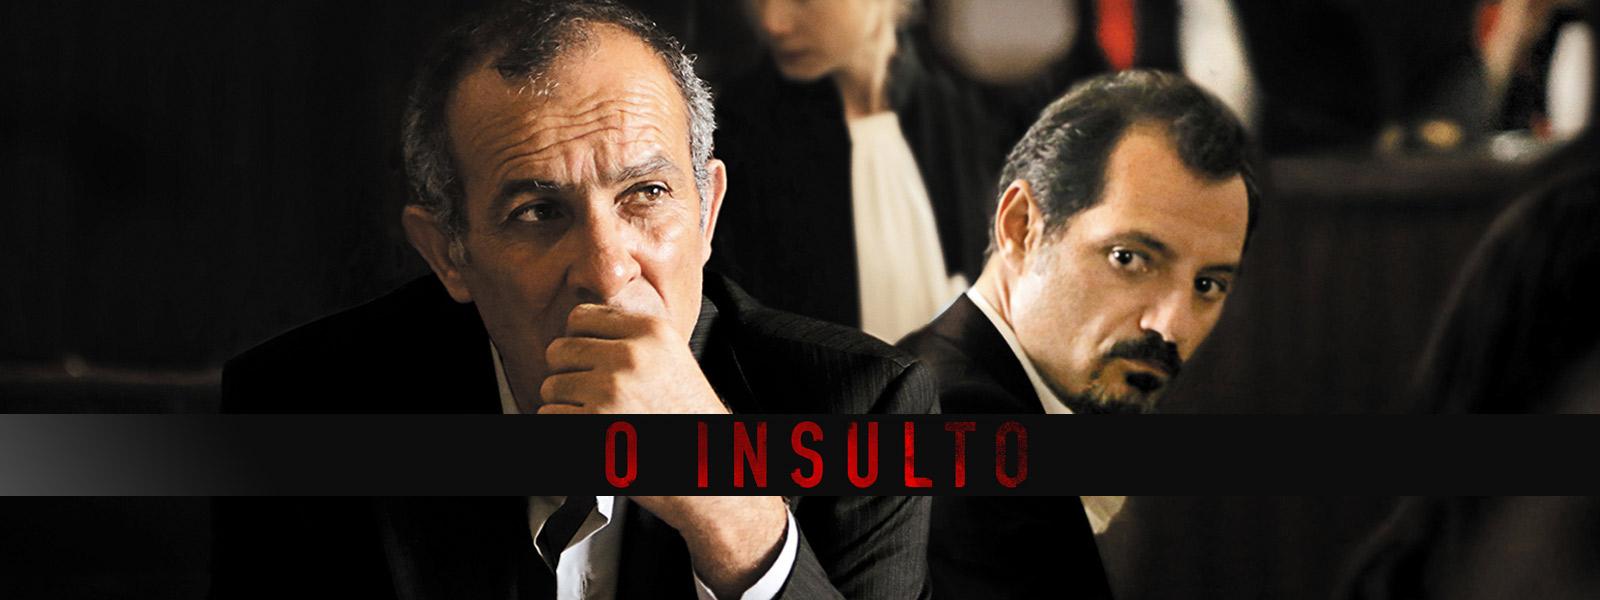 O Insulto - Imagem: Divulgação